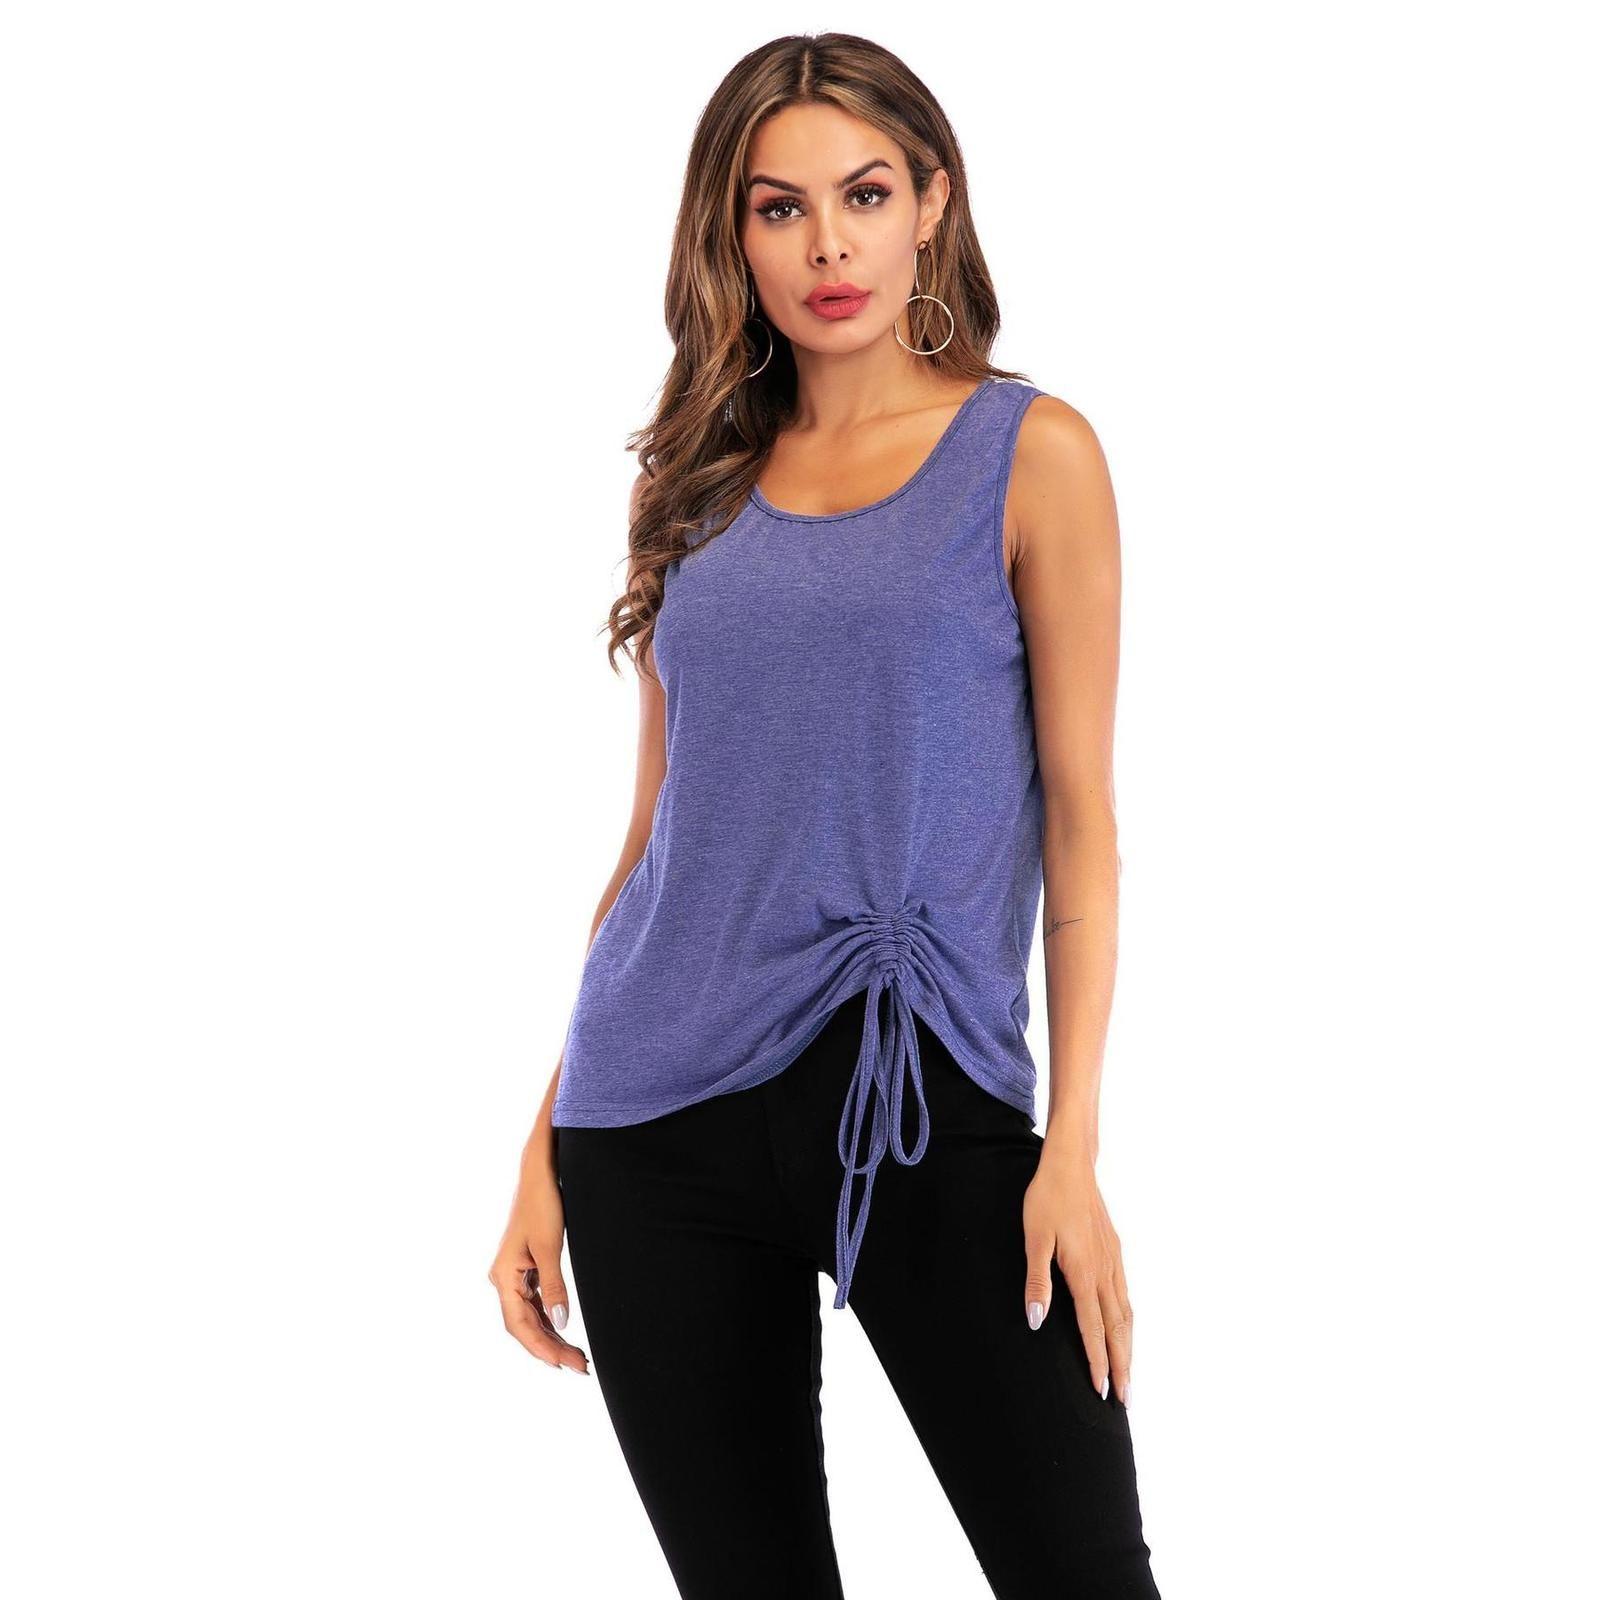 Летние женские повседневные топы блузка без рукавов V шеи лук узлы женские футболки жилет чистый цвет повседневный танк